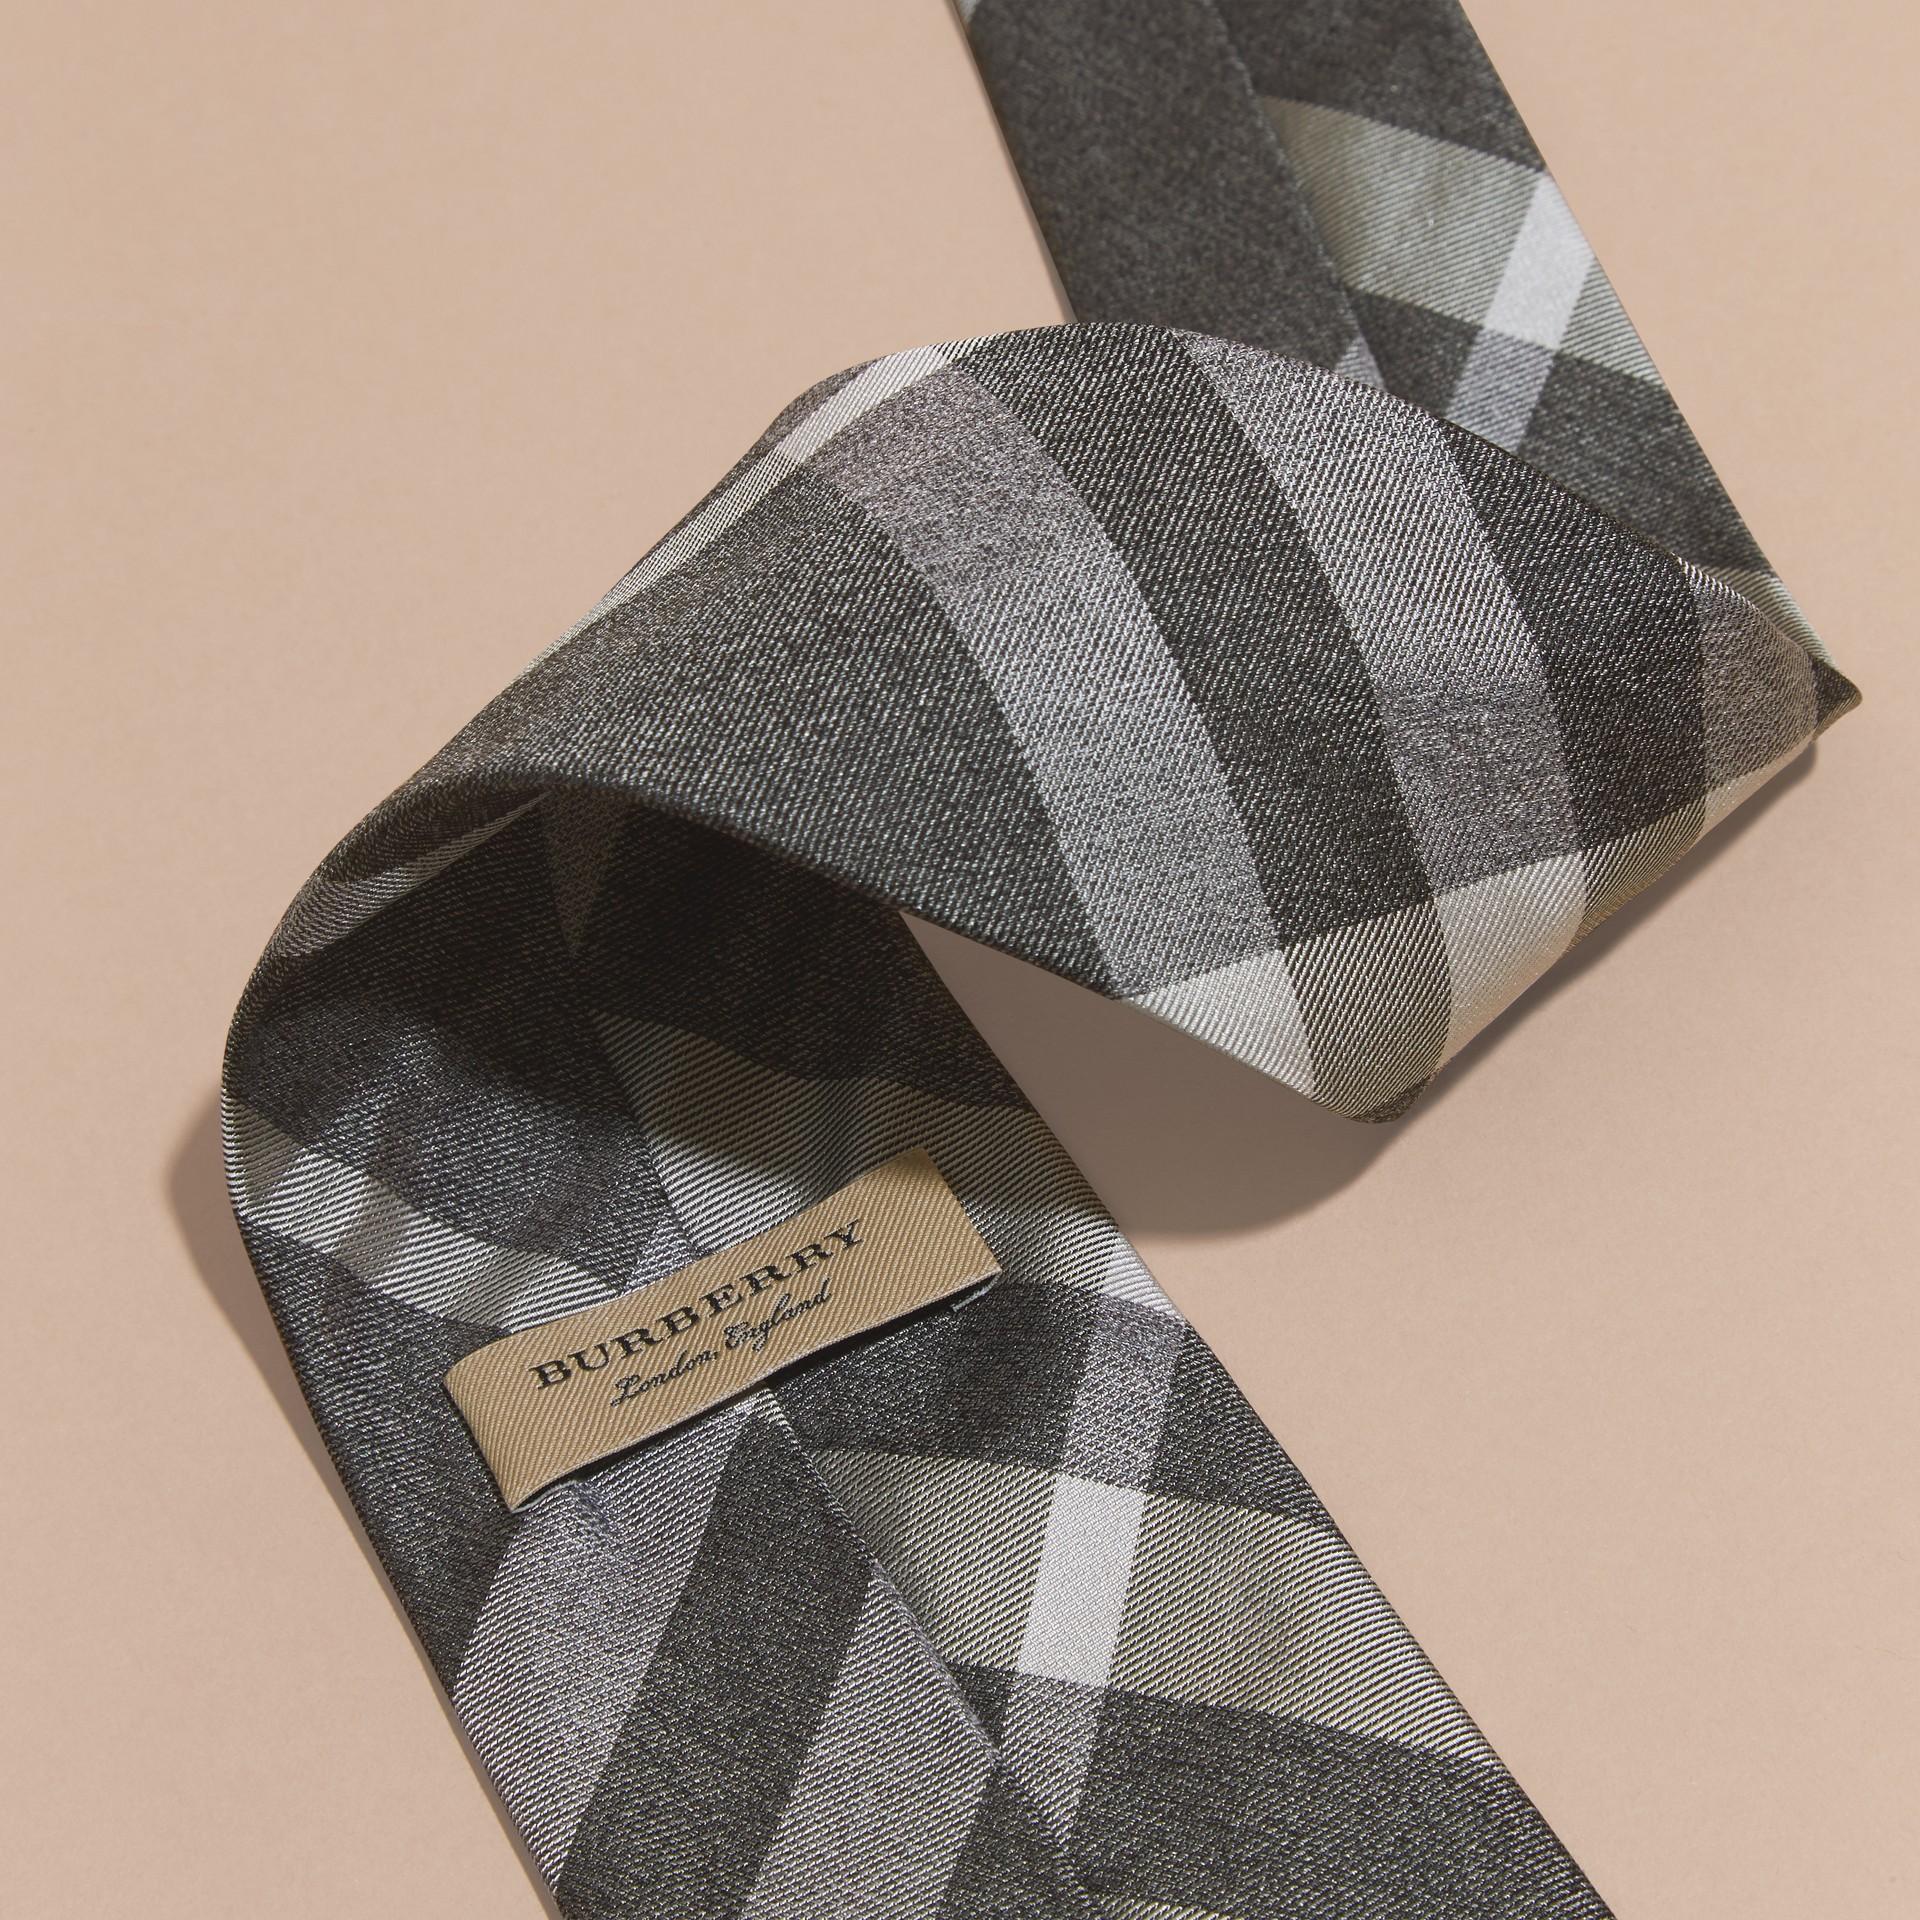 Grigio chiaro mélange Cravatta dal taglio classico in seta con motivo check Grigio Chiaro Mélange - immagine della galleria 2